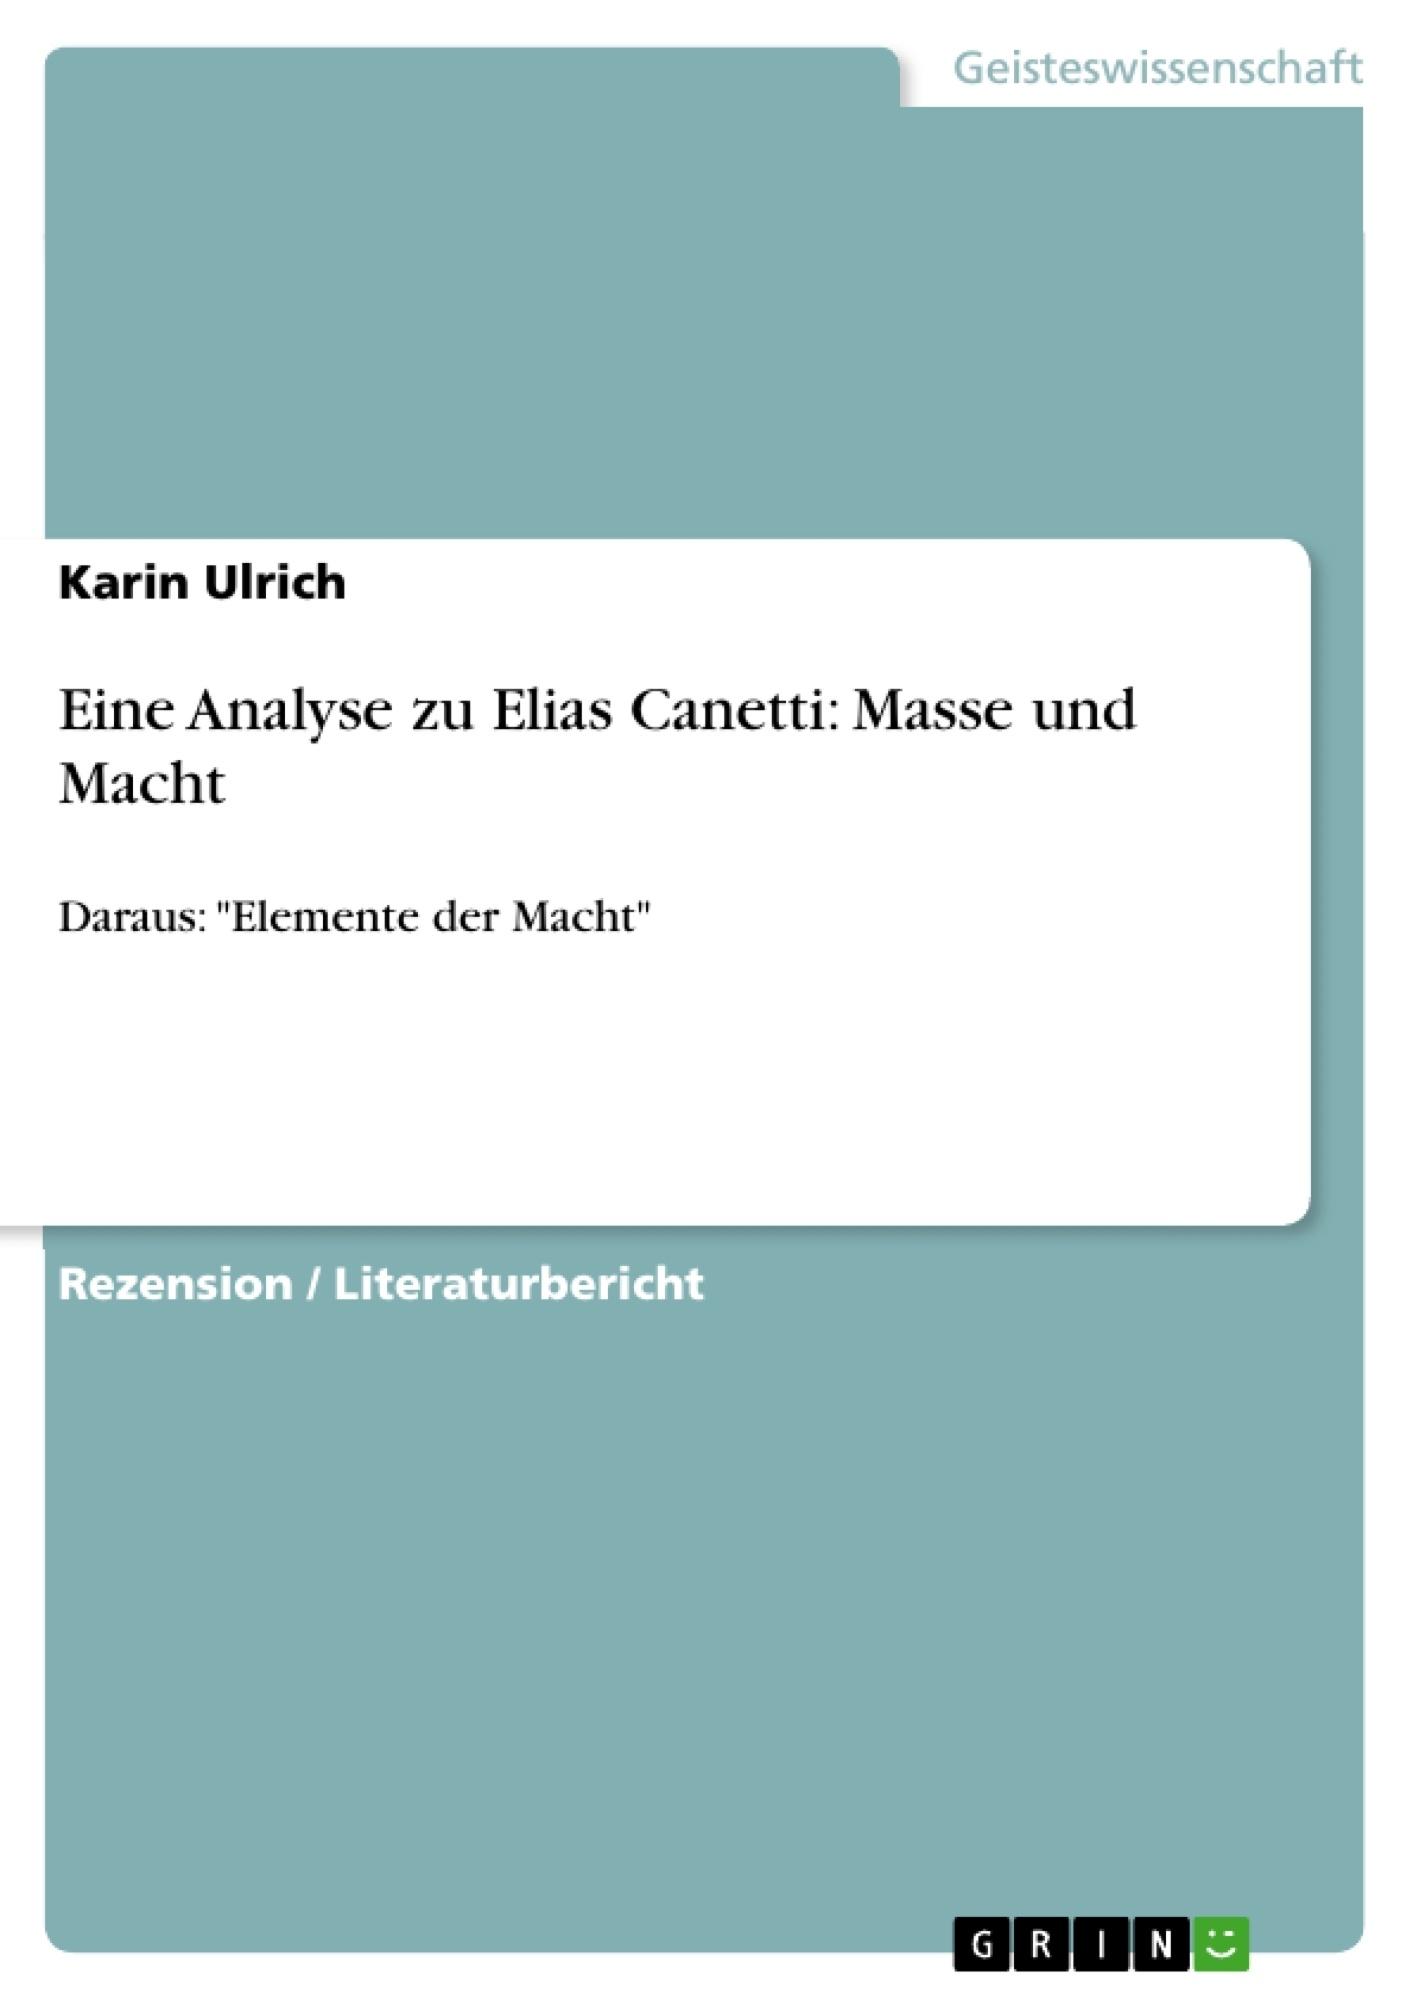 Titel: Eine Analyse zu Elias Canetti: Masse und Macht